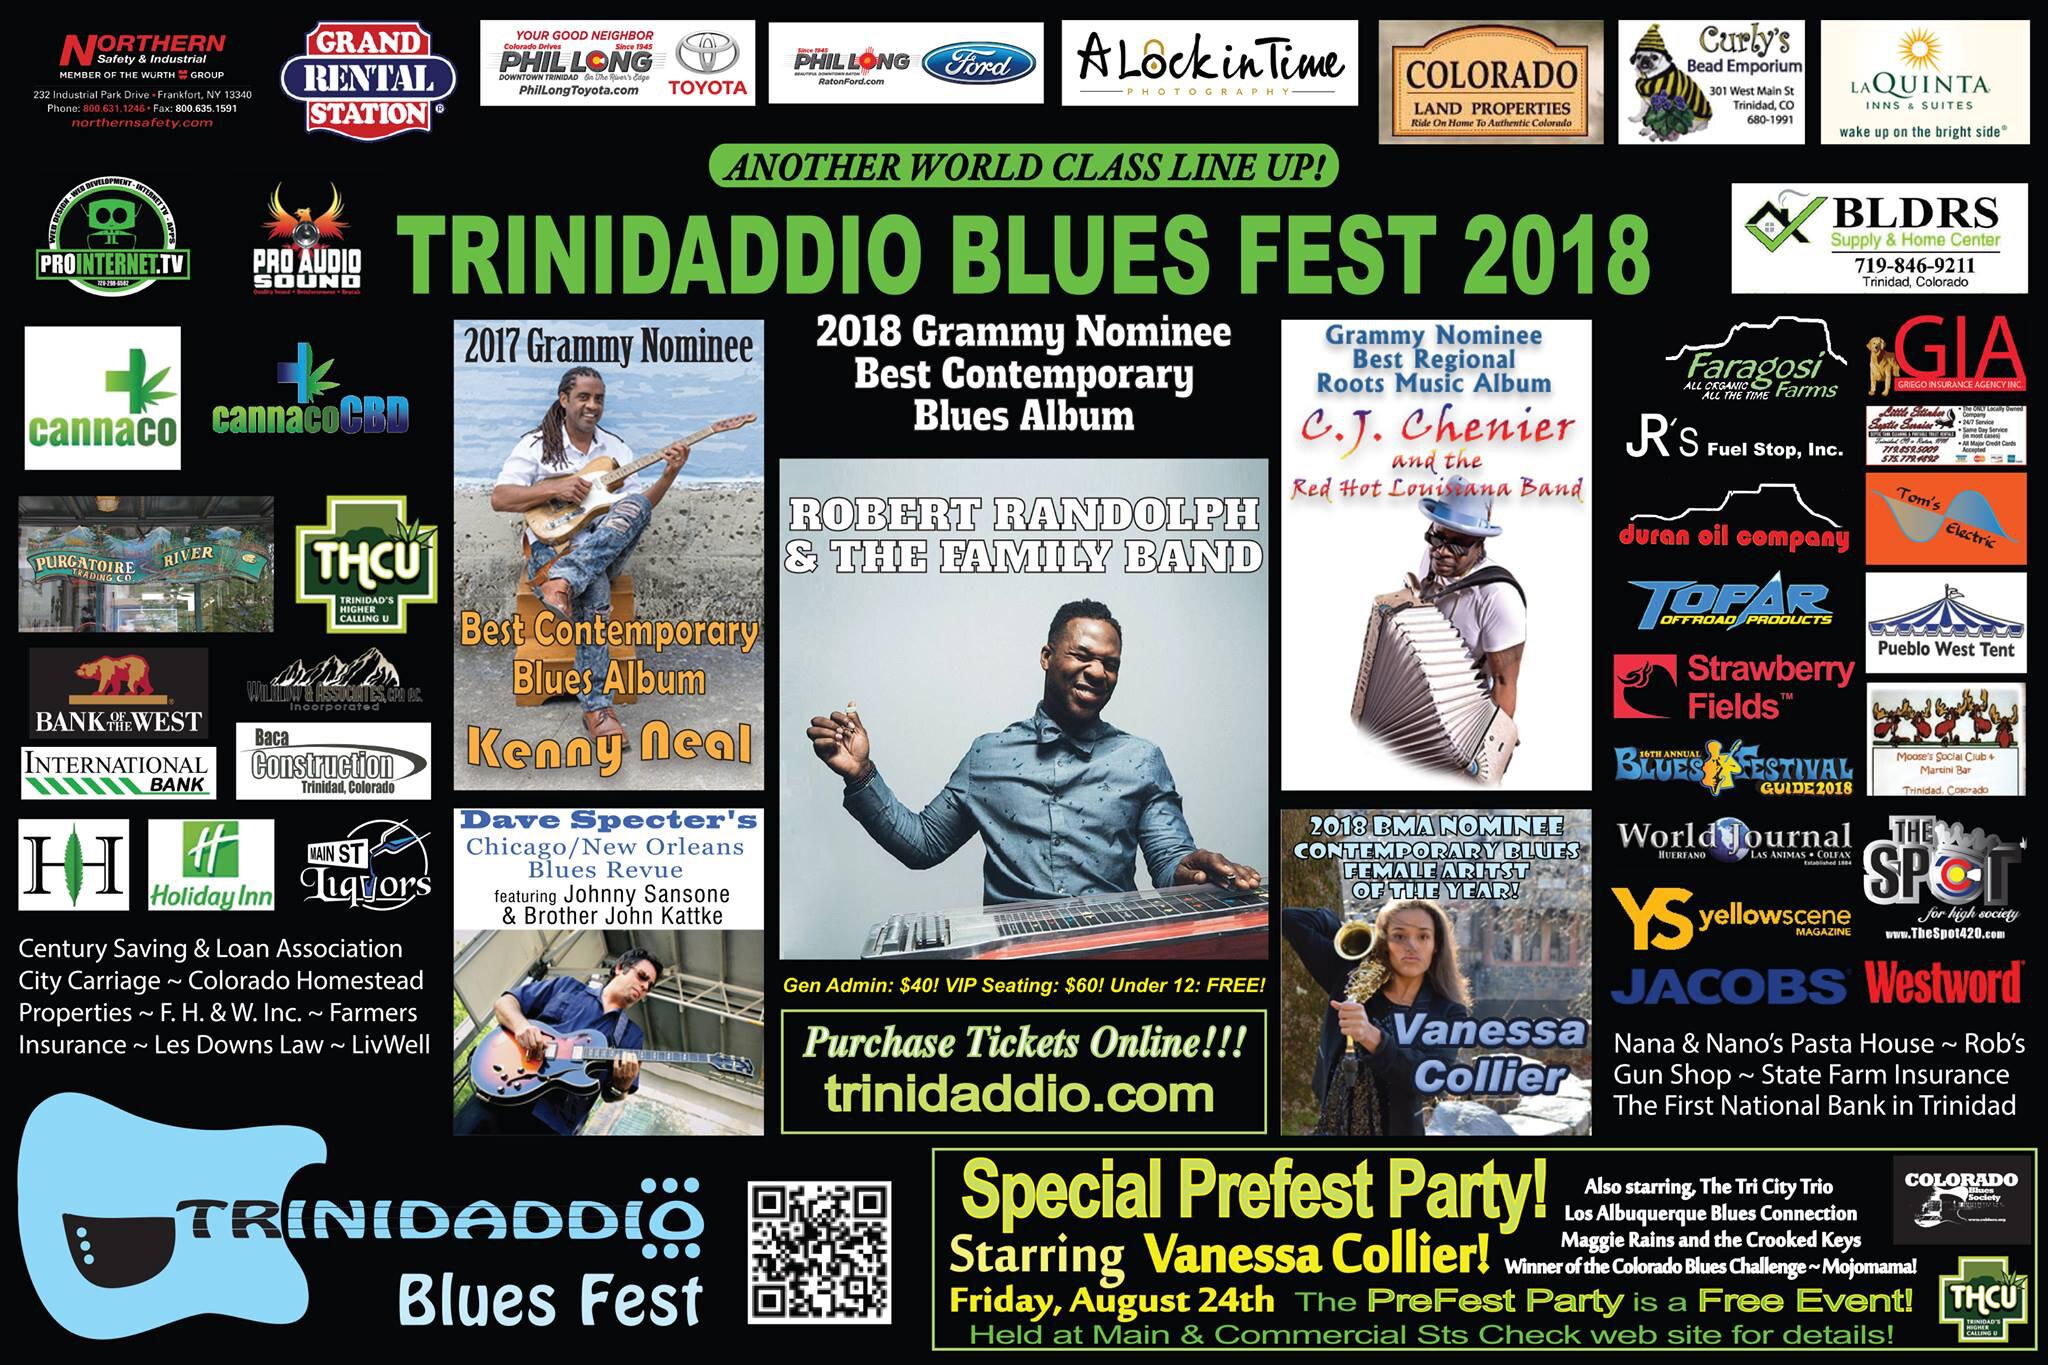 Trinidaddio 2018.jpg